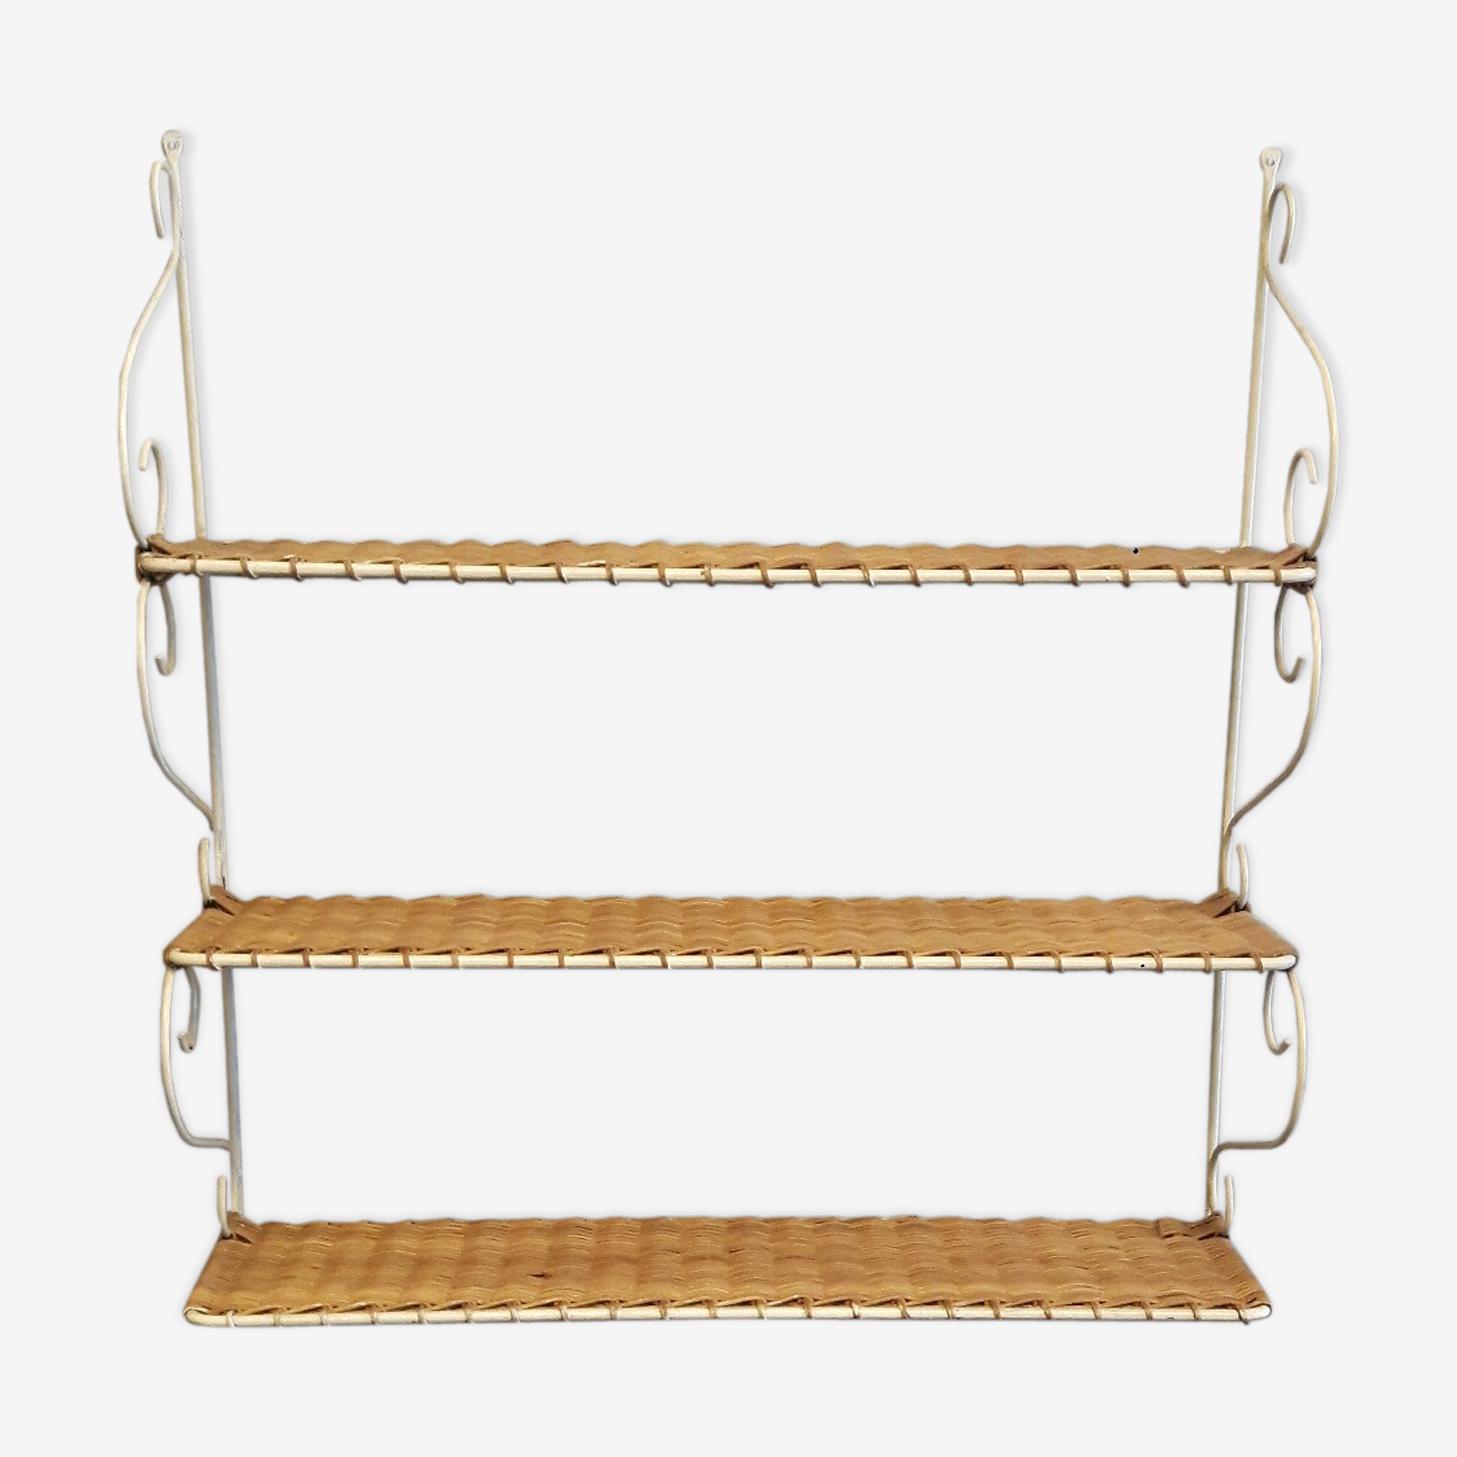 Rattan and metal wall shelf